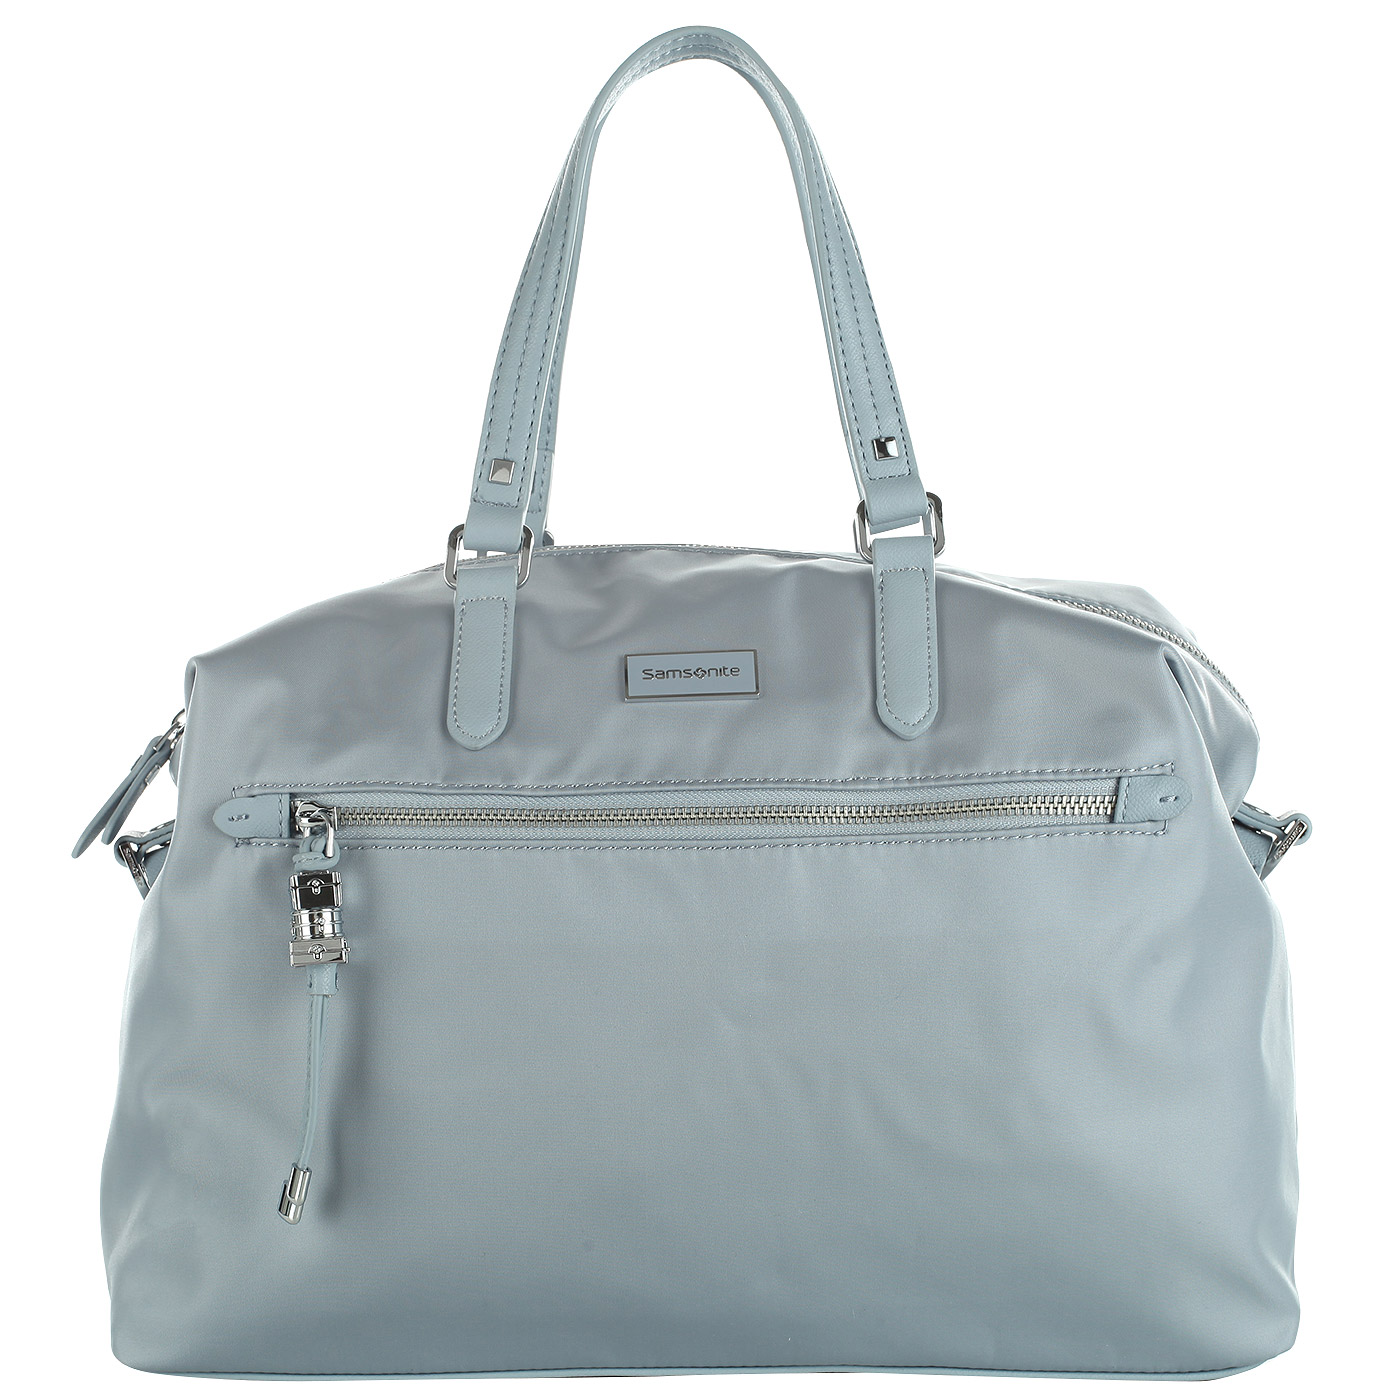 d28a3462d25d ... Дорожная сумка с креплением на ручку чемодана Samsonite Karissa ...